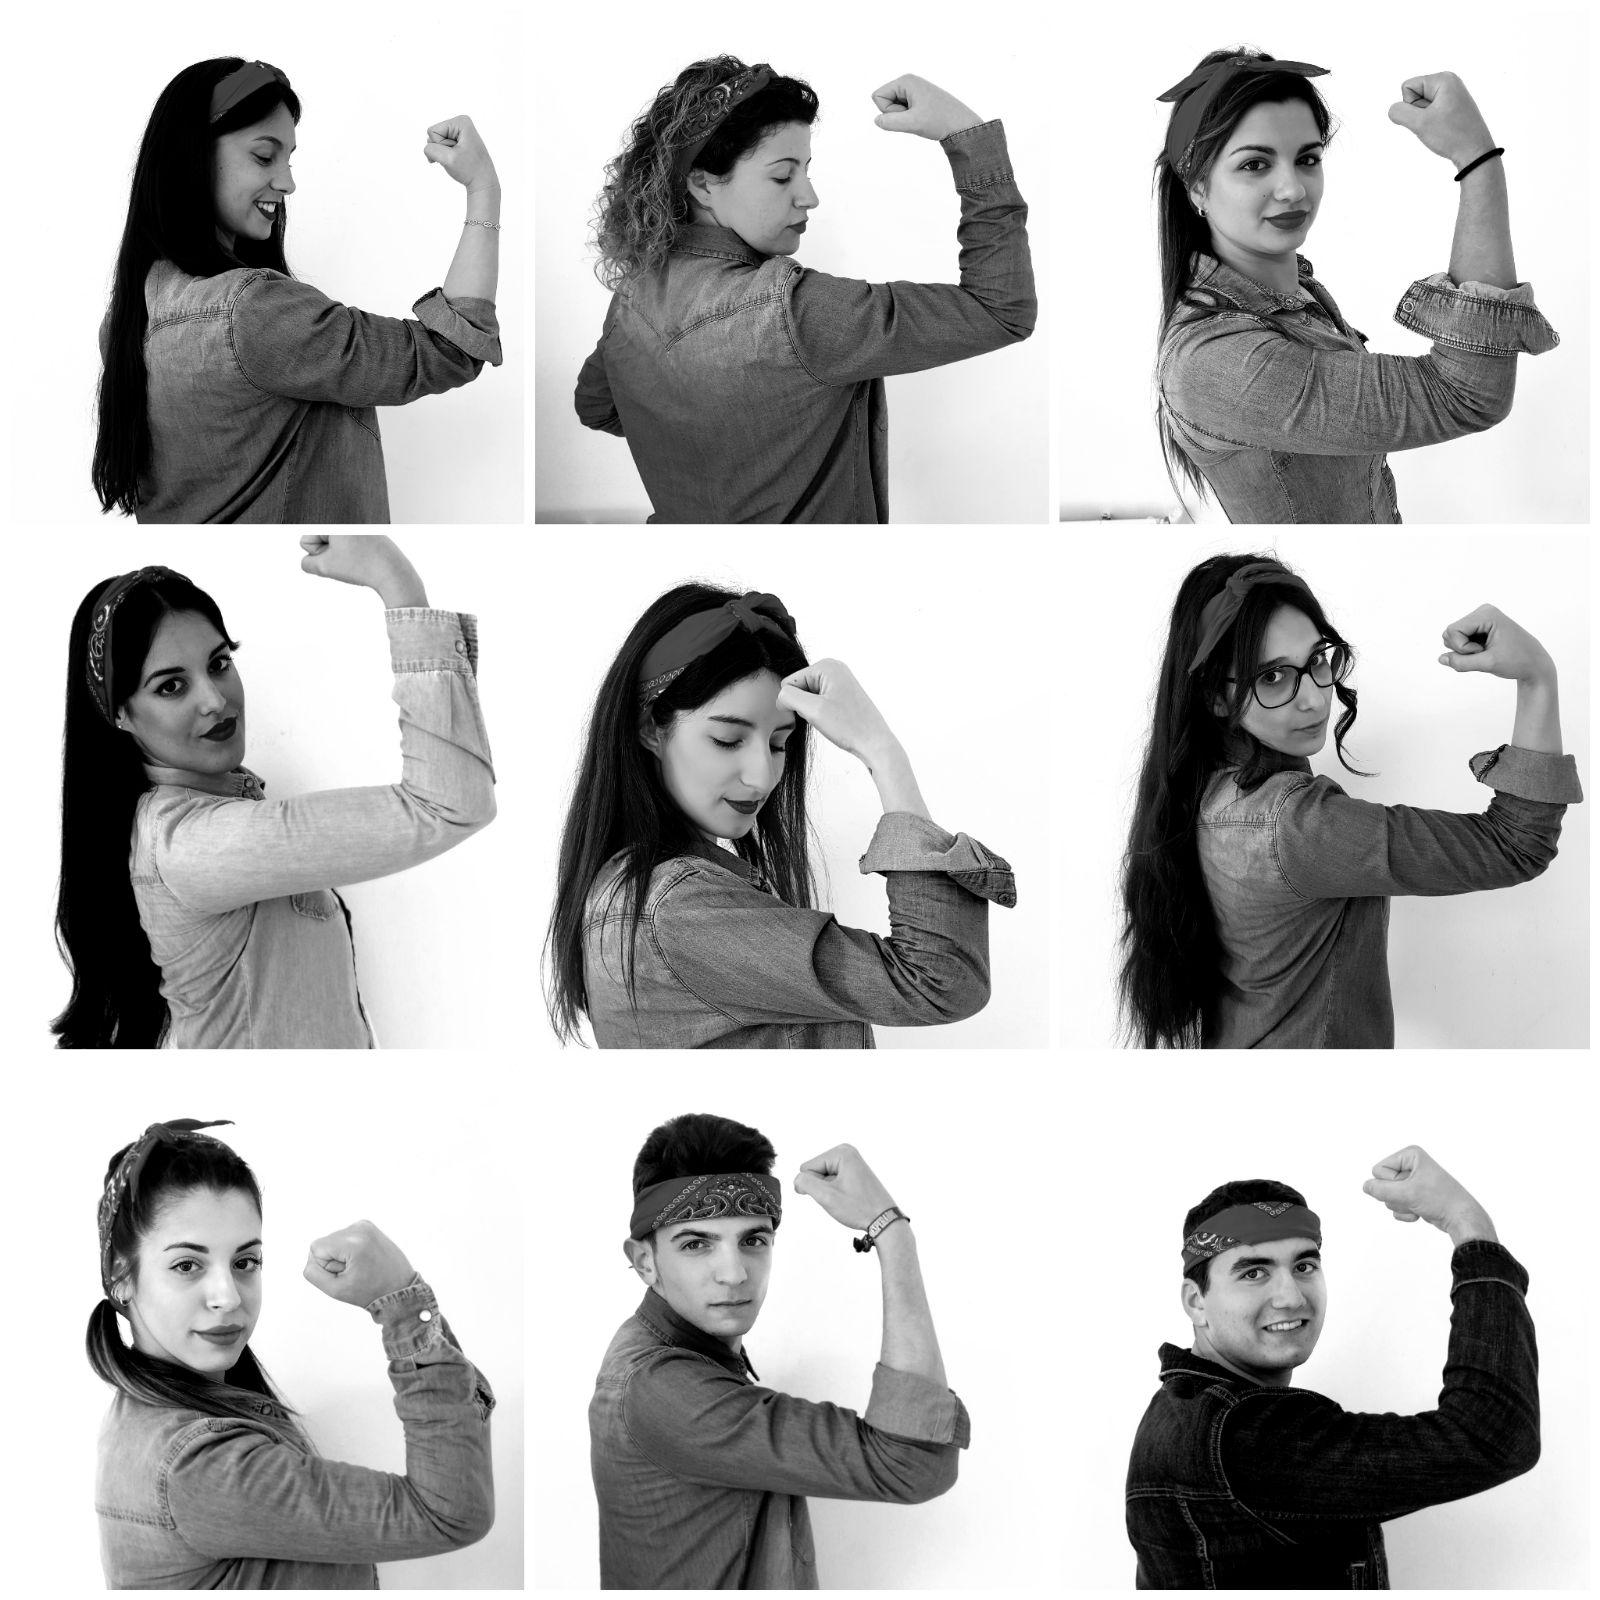 55eef0c0e456 Iconos y simbología para conmemorar el Día Internacional de la Mujer ...